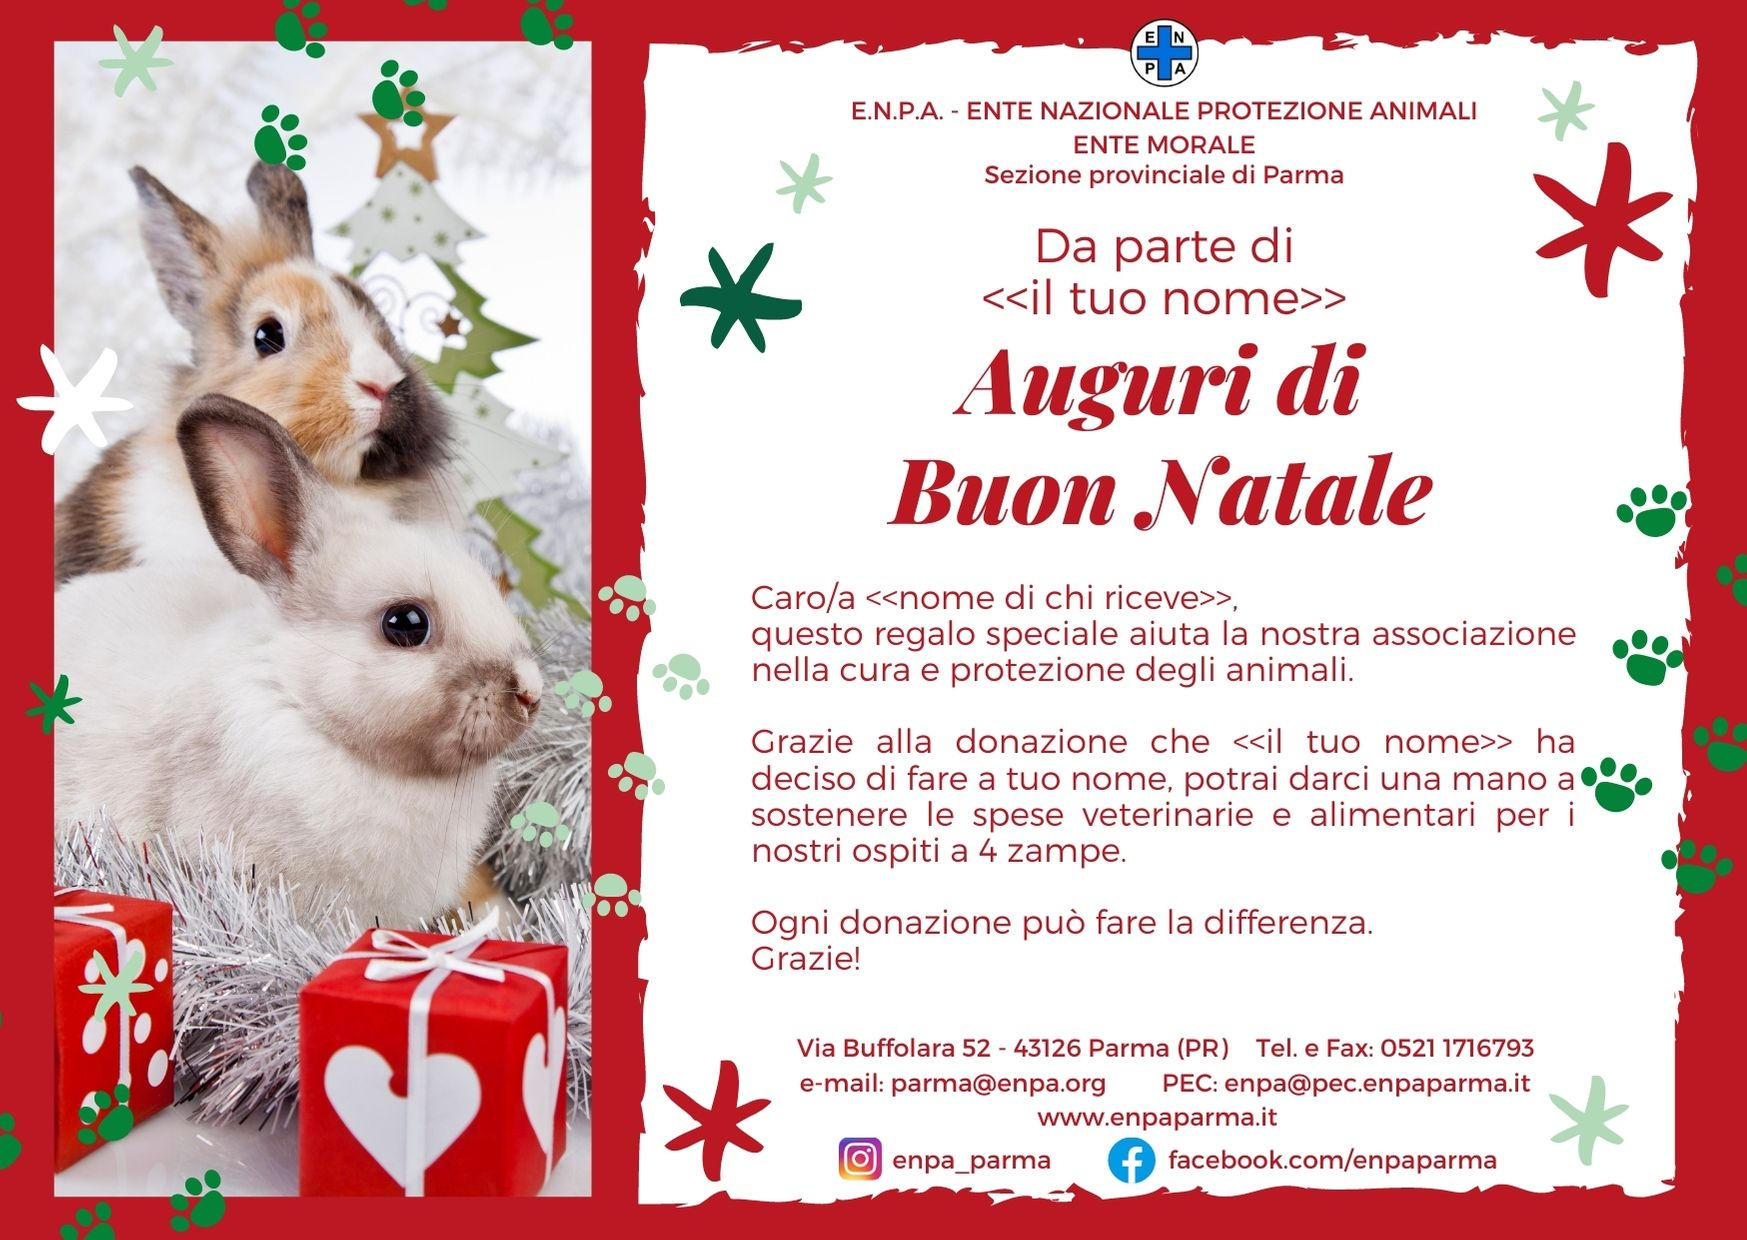 Natale Con ENPA (coniglio - 5€)